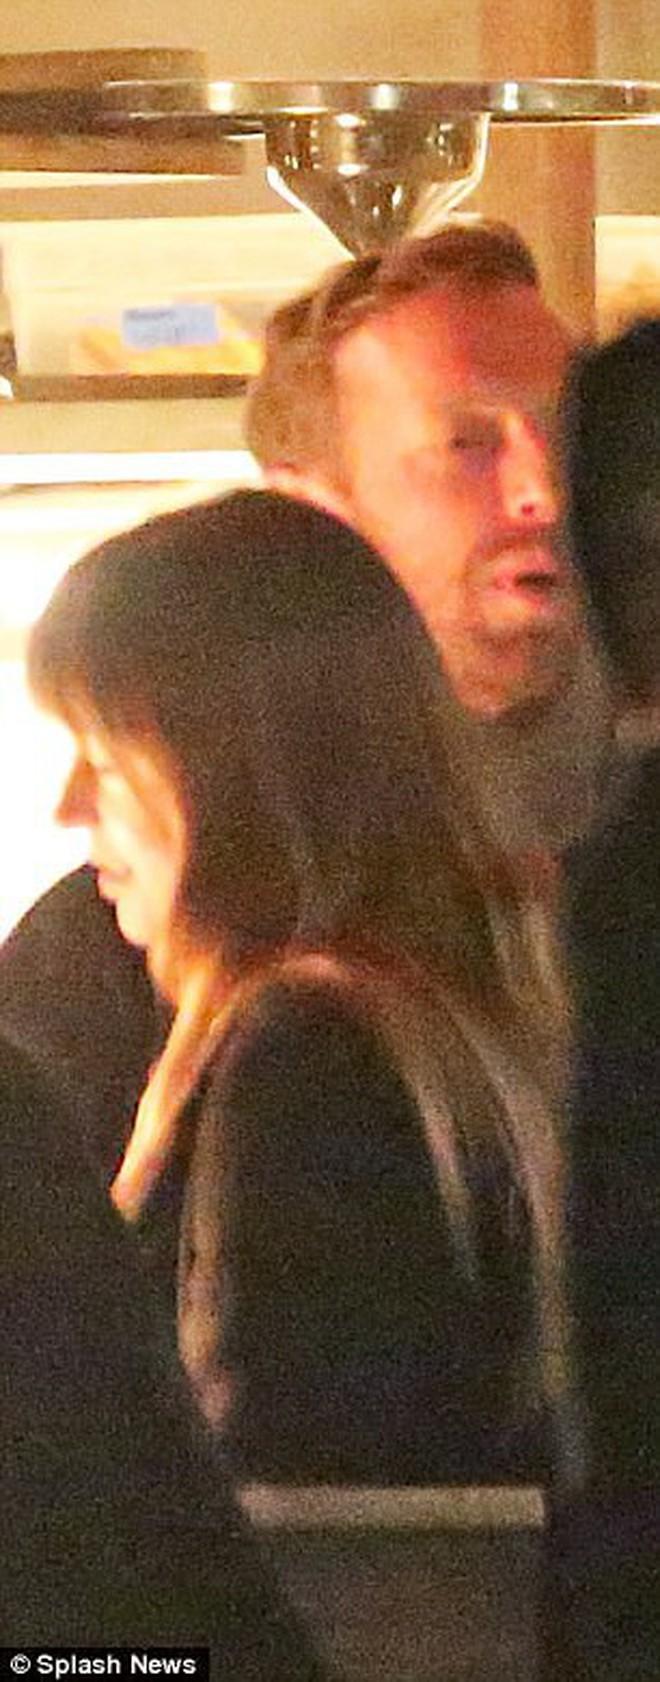 """Mỹ nhân """"50 Sắc Thái"""" công khai hẹn hò trưởng nhóm Coldplay, trở thành cặp đôi quyền lực mới của showbiz - Ảnh 4."""